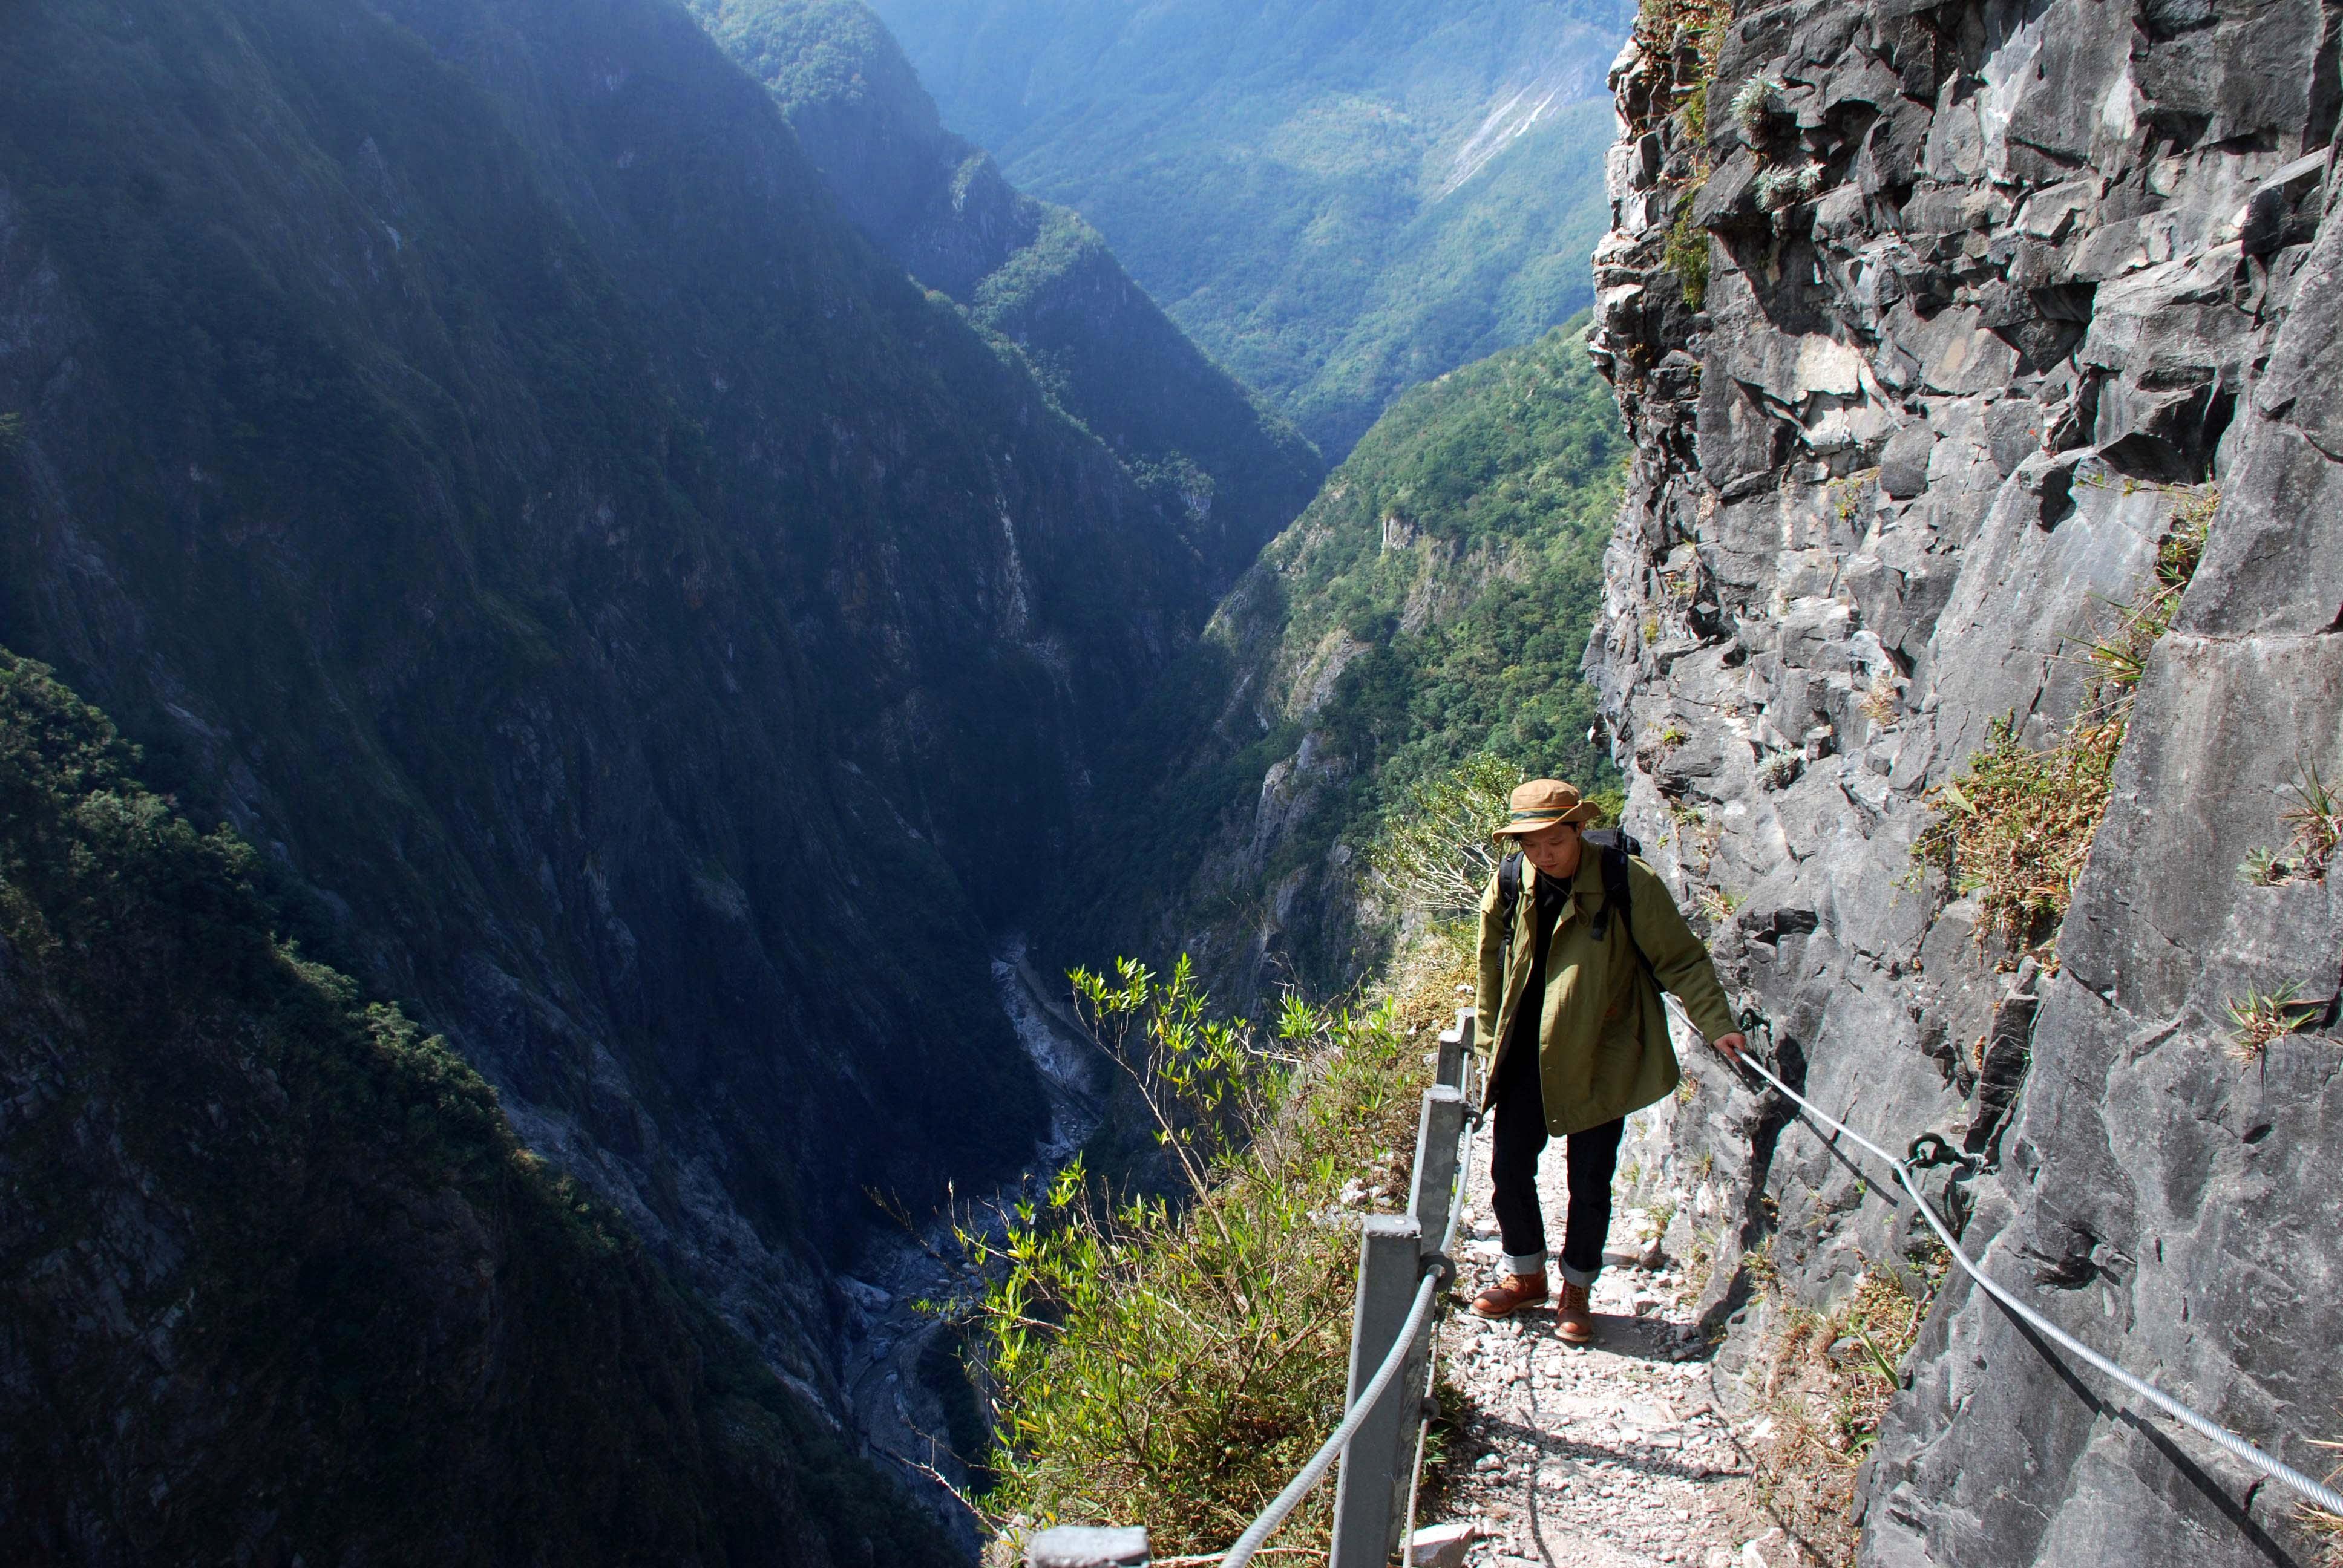 斷崖路段的路寬僅80 公分,一肩之隔就是萬丈深淵 (Photo / Ran)